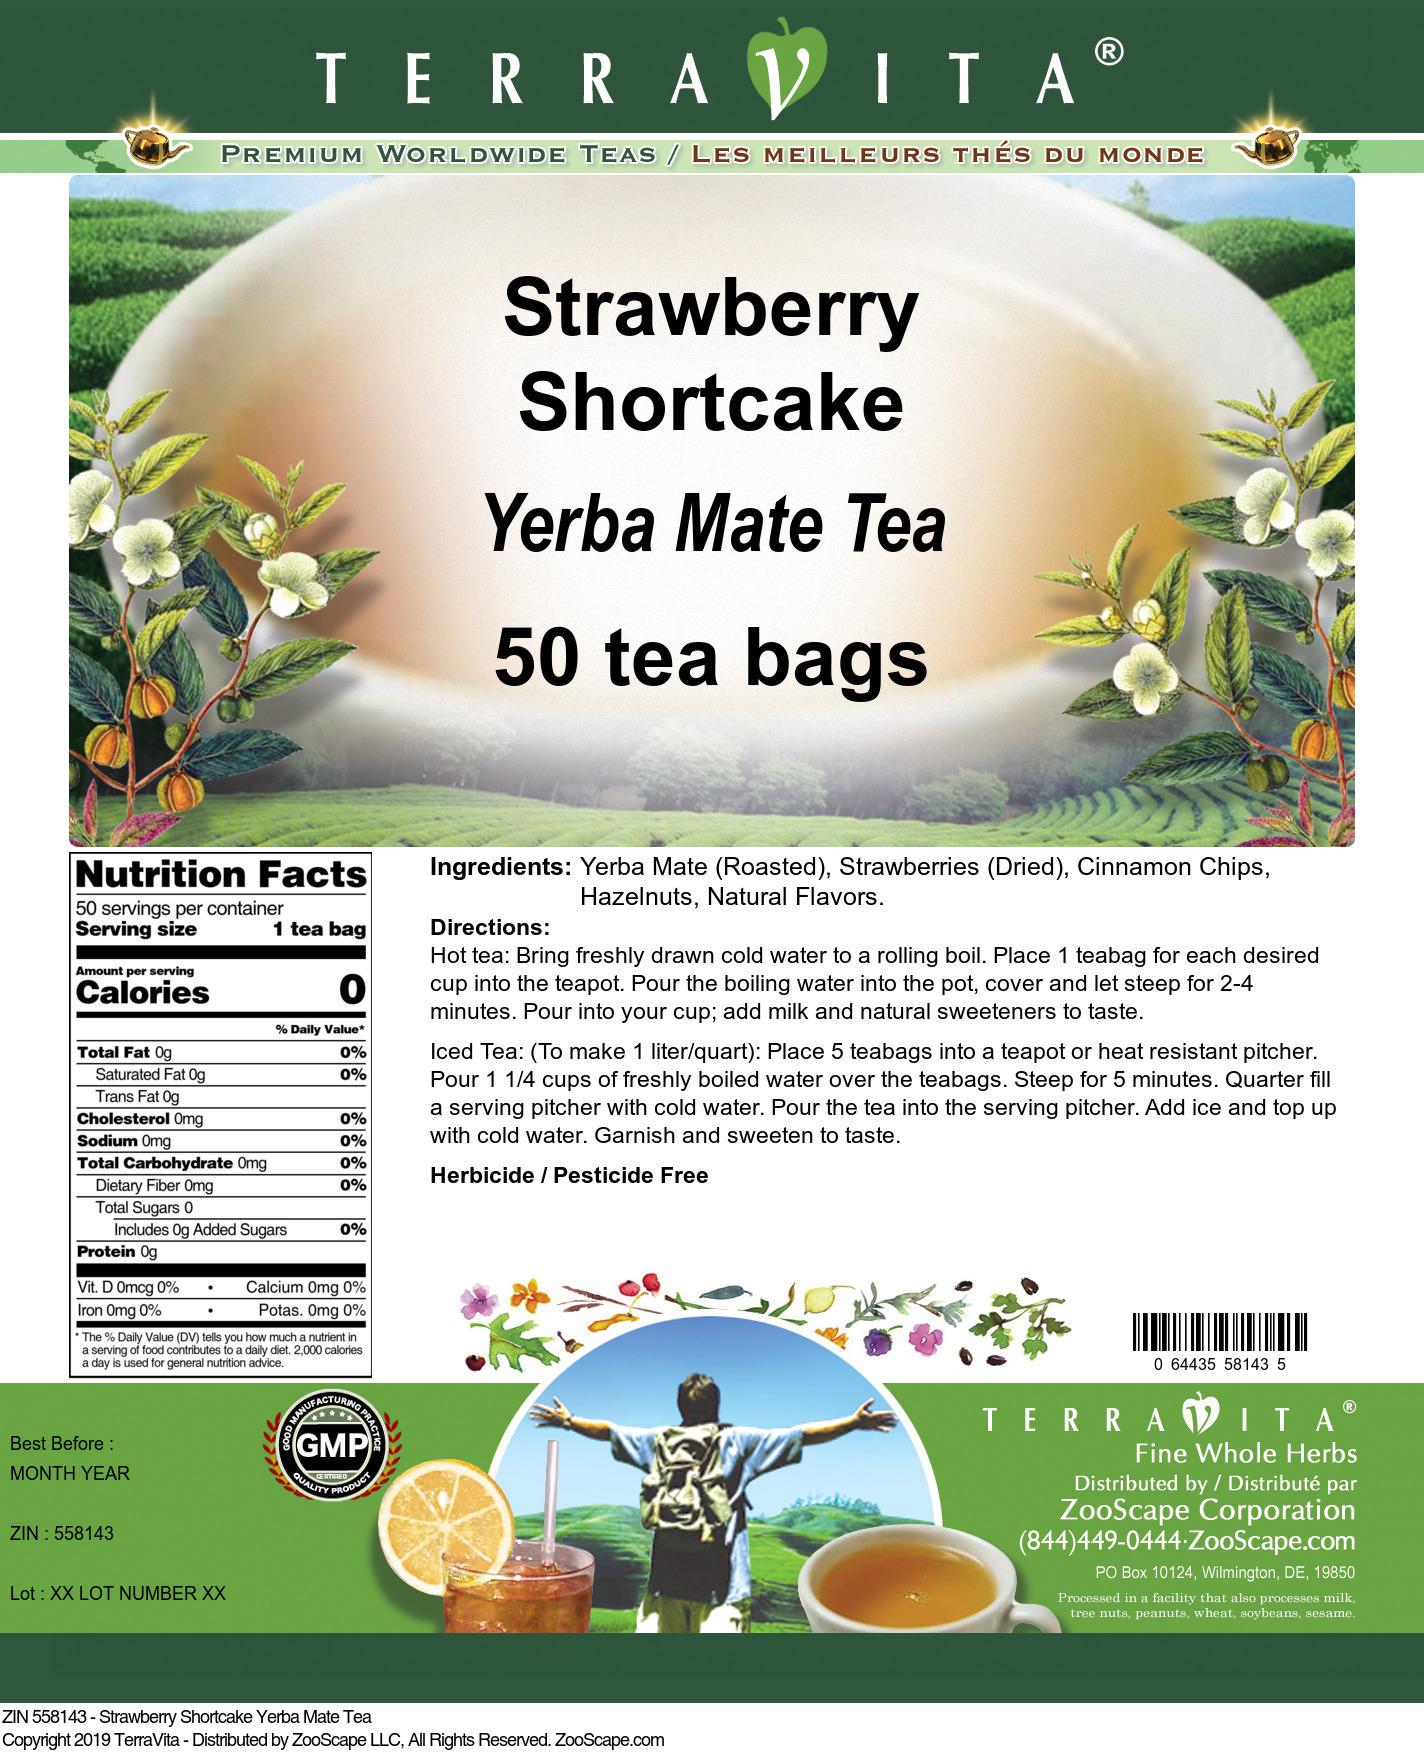 Strawberry Shortcake Yerba Mate